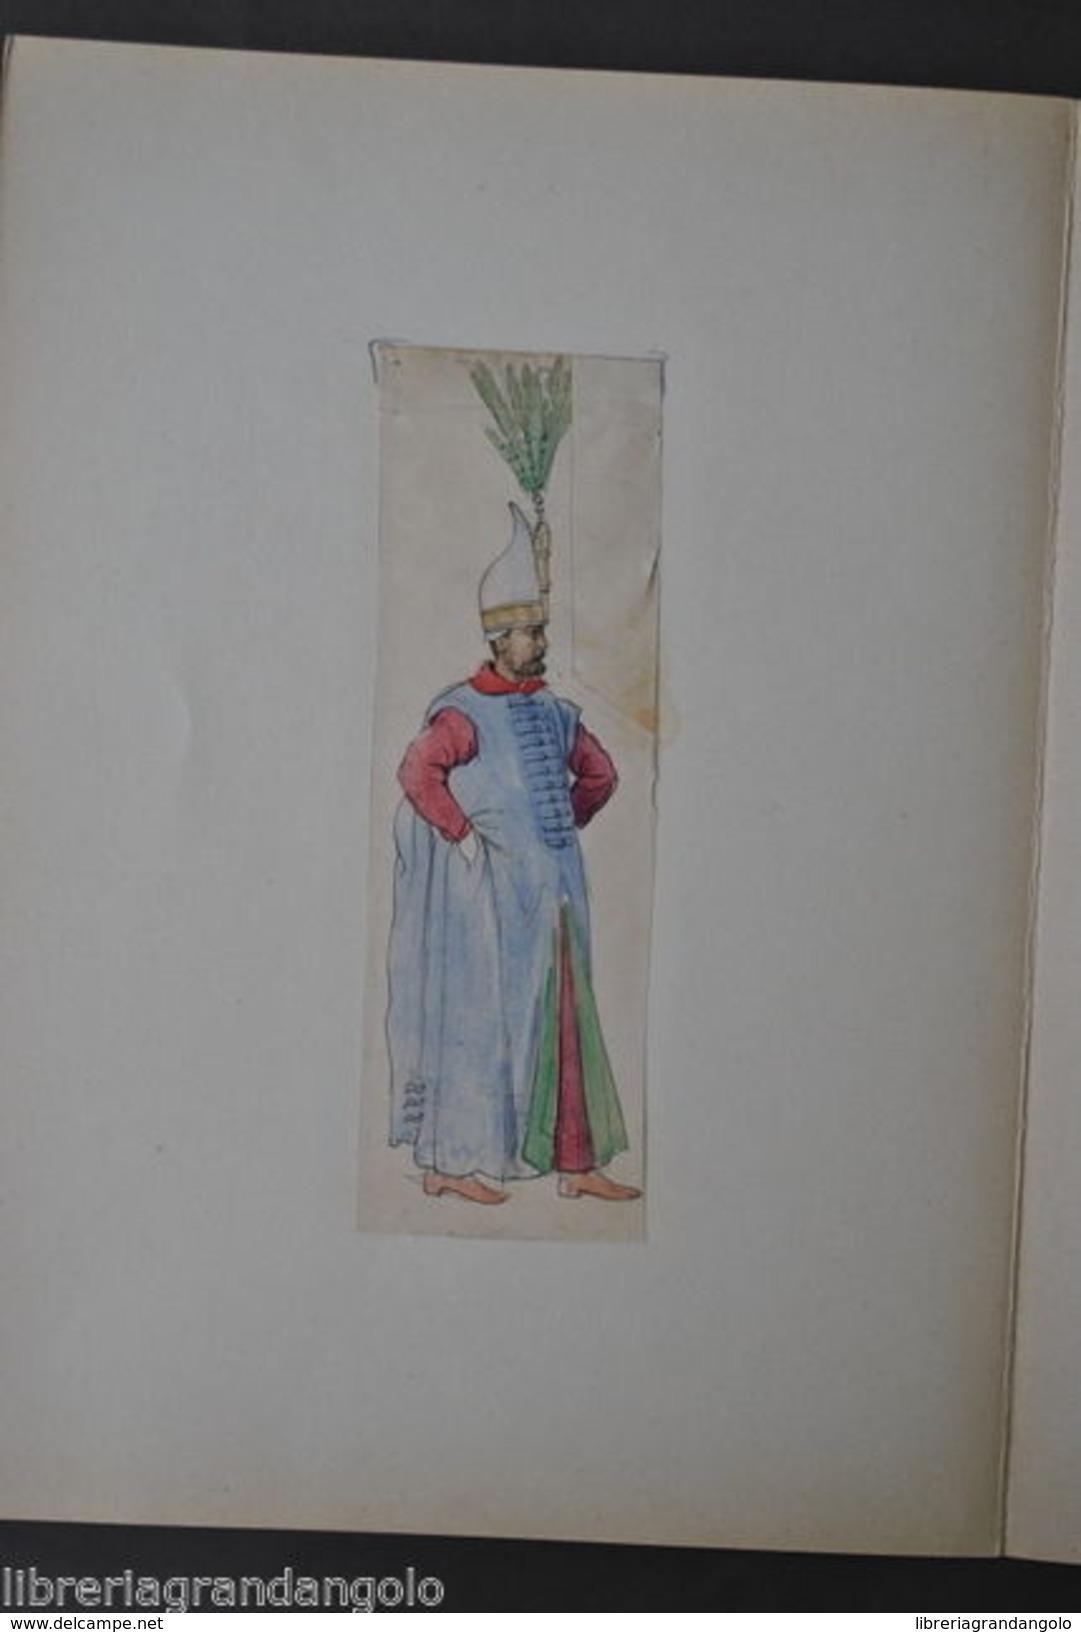 Disegno Acquerello Matita China Boluch Turco Turchia Sultano Frammento 1850 - Acquarelli